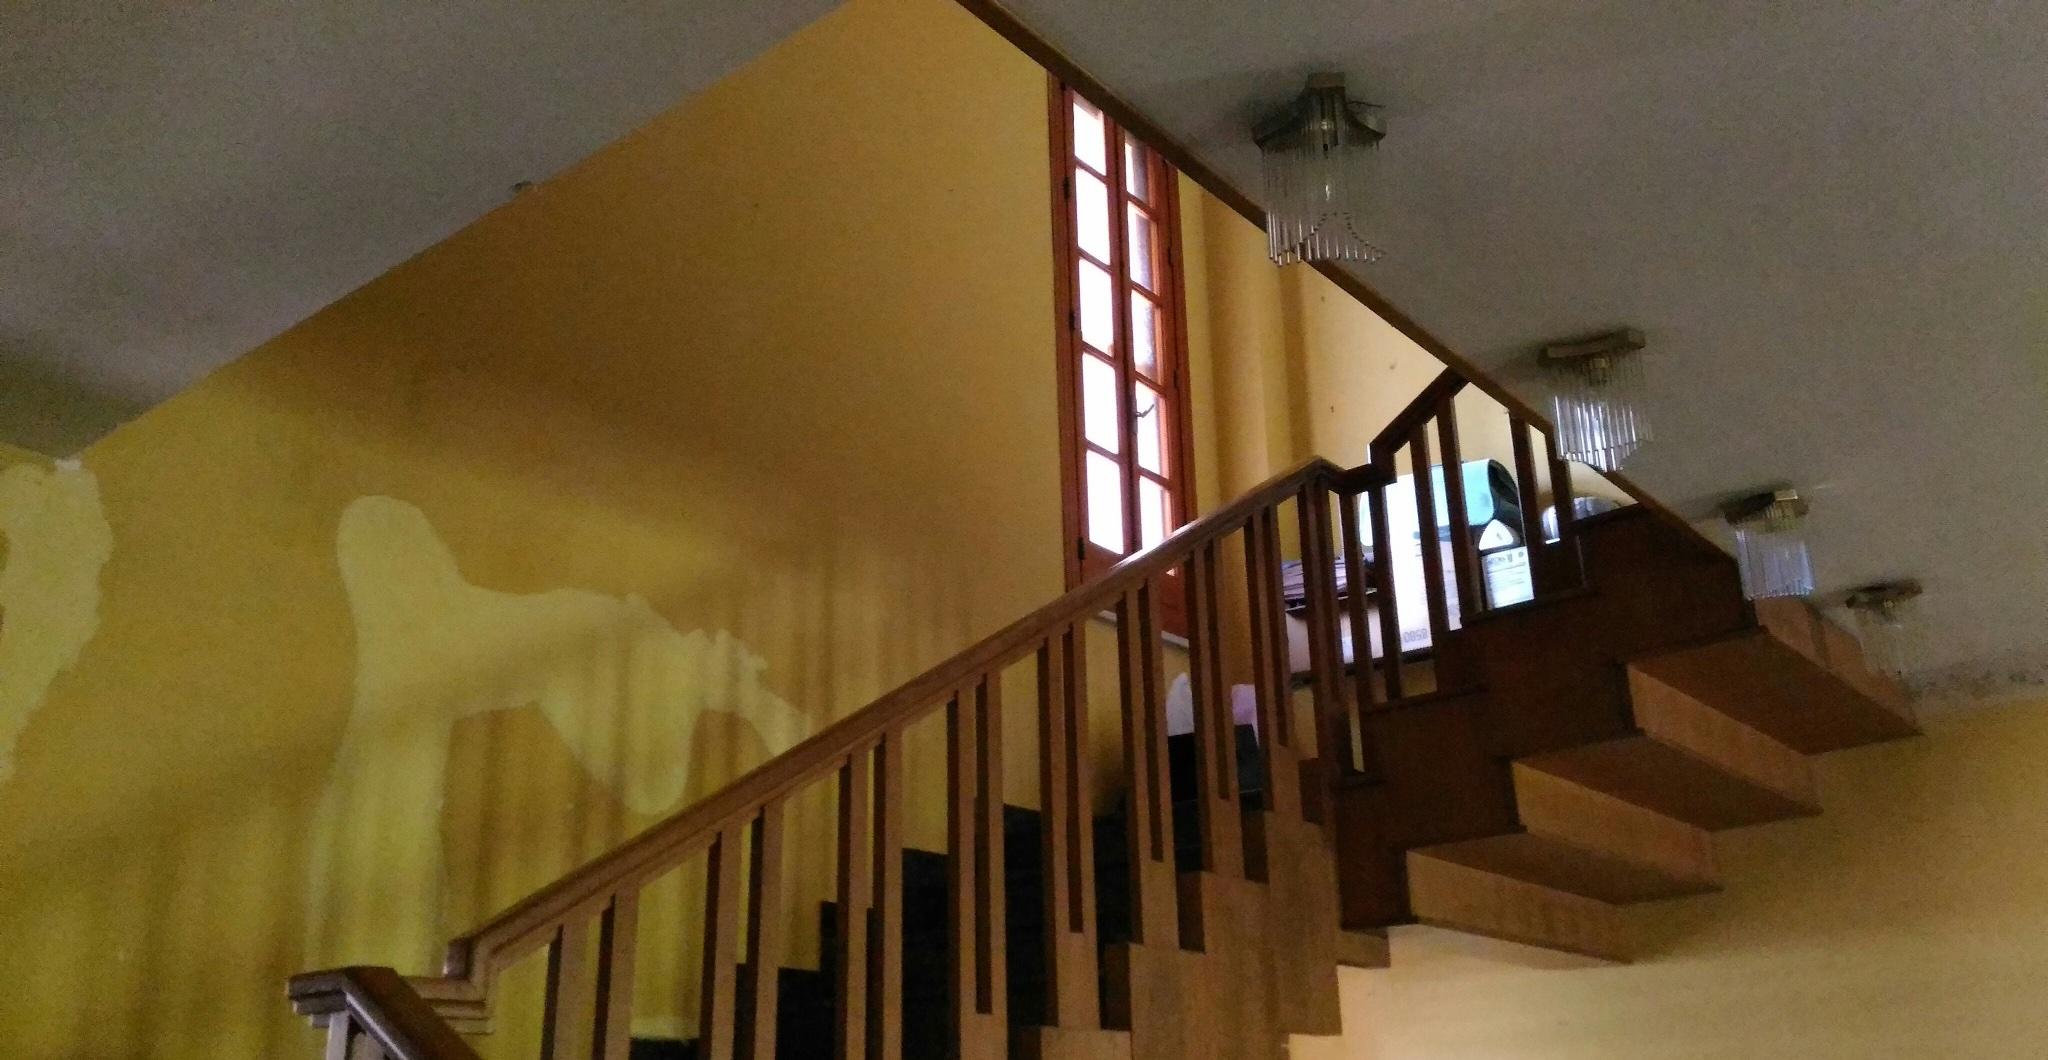 Chiusura vano scala con solaio per frazionamento villa in for Chiusura vano scala interno